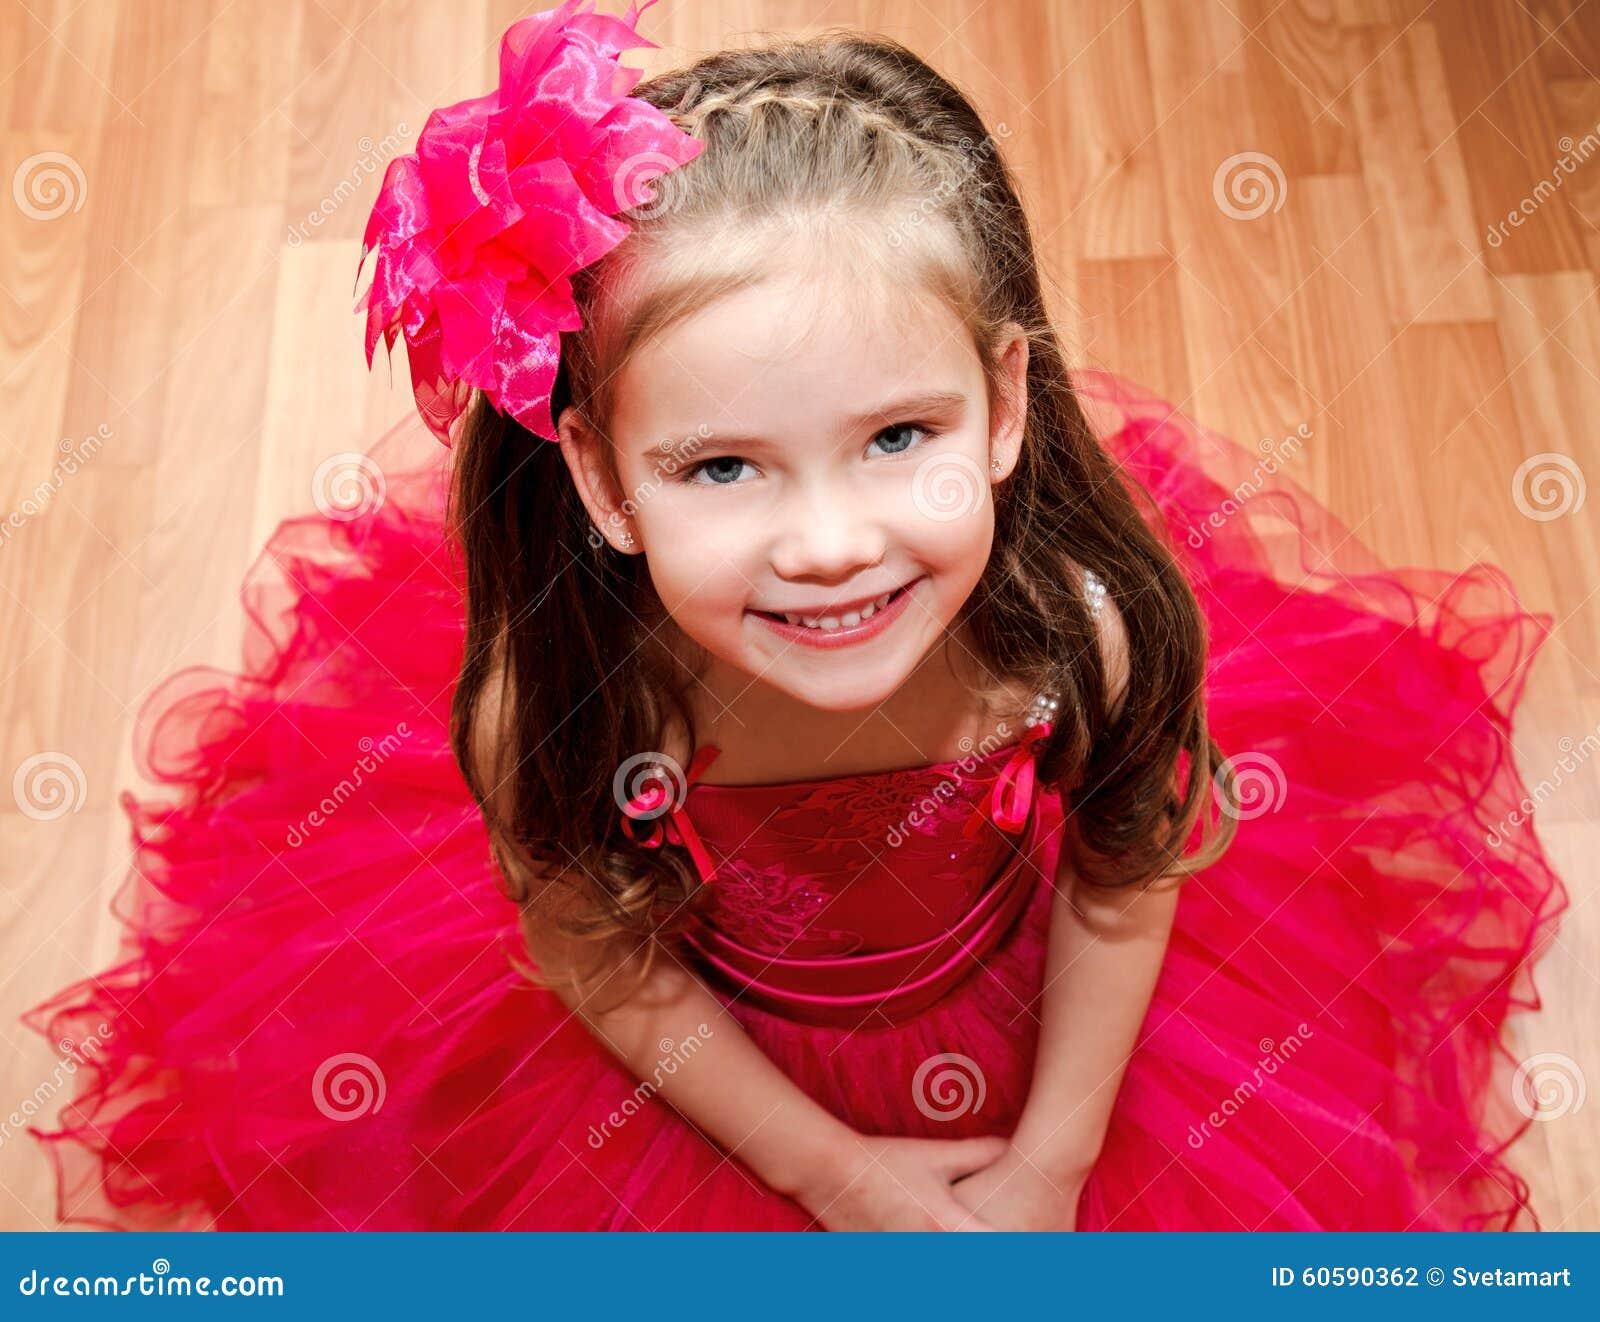 Szczęśliwa urocza mała dziewczynka w princess sukni